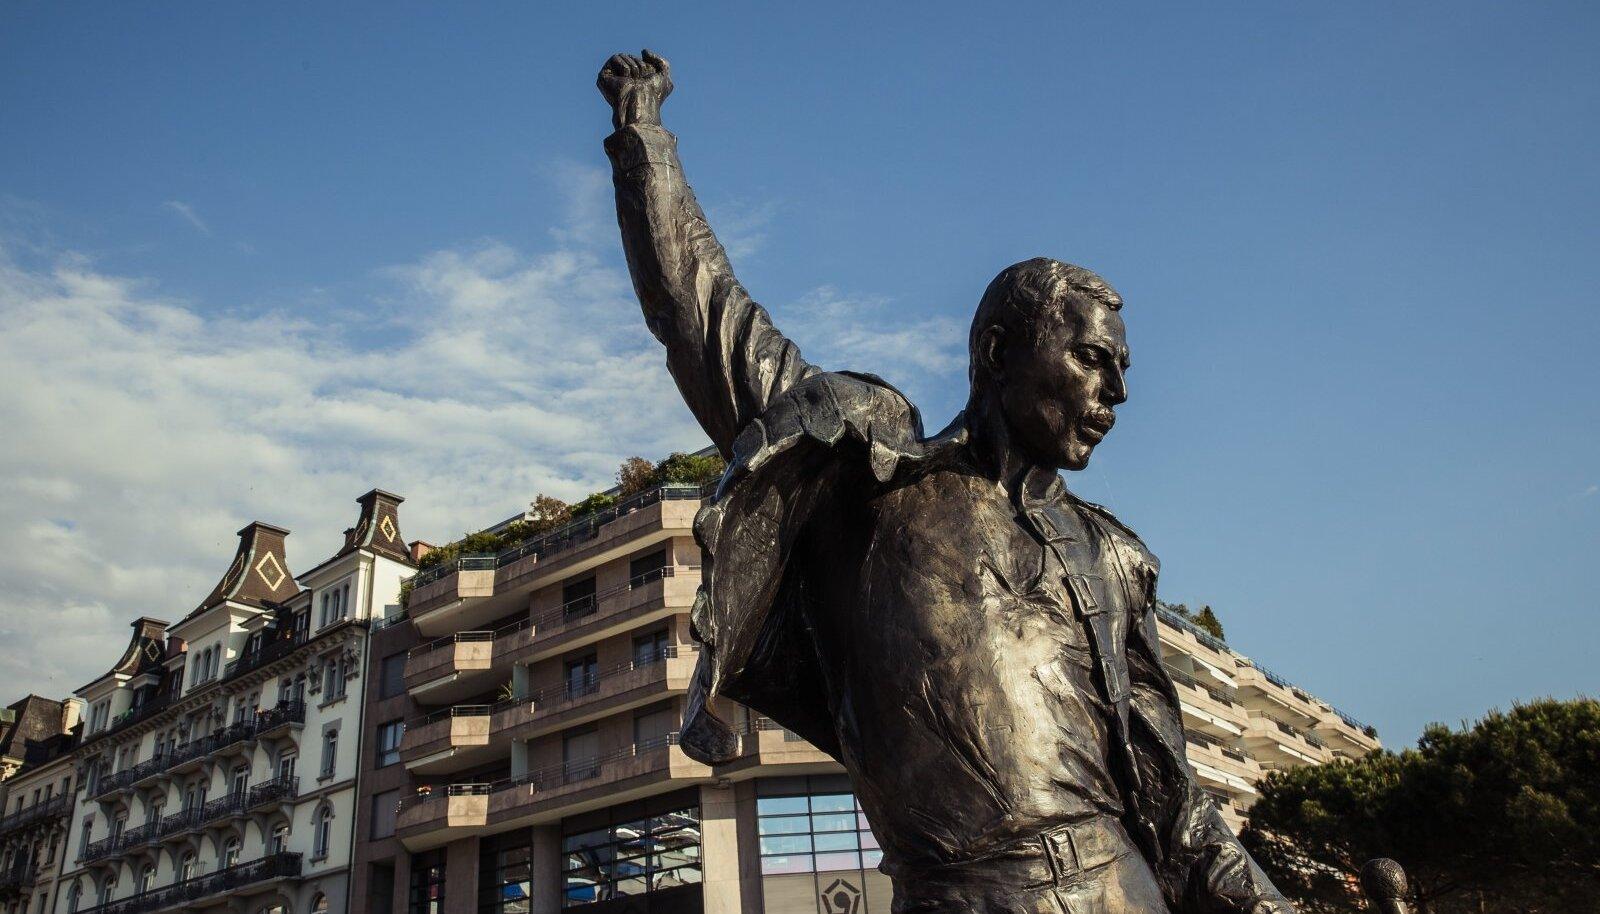 Freddie Mercury monument Genfi järve kaldal. Lauljat on kujutatud talle omases poosis: rusikas taeva poole sirutatud, pilk jumaldavate fännide silmadesse suunatud.